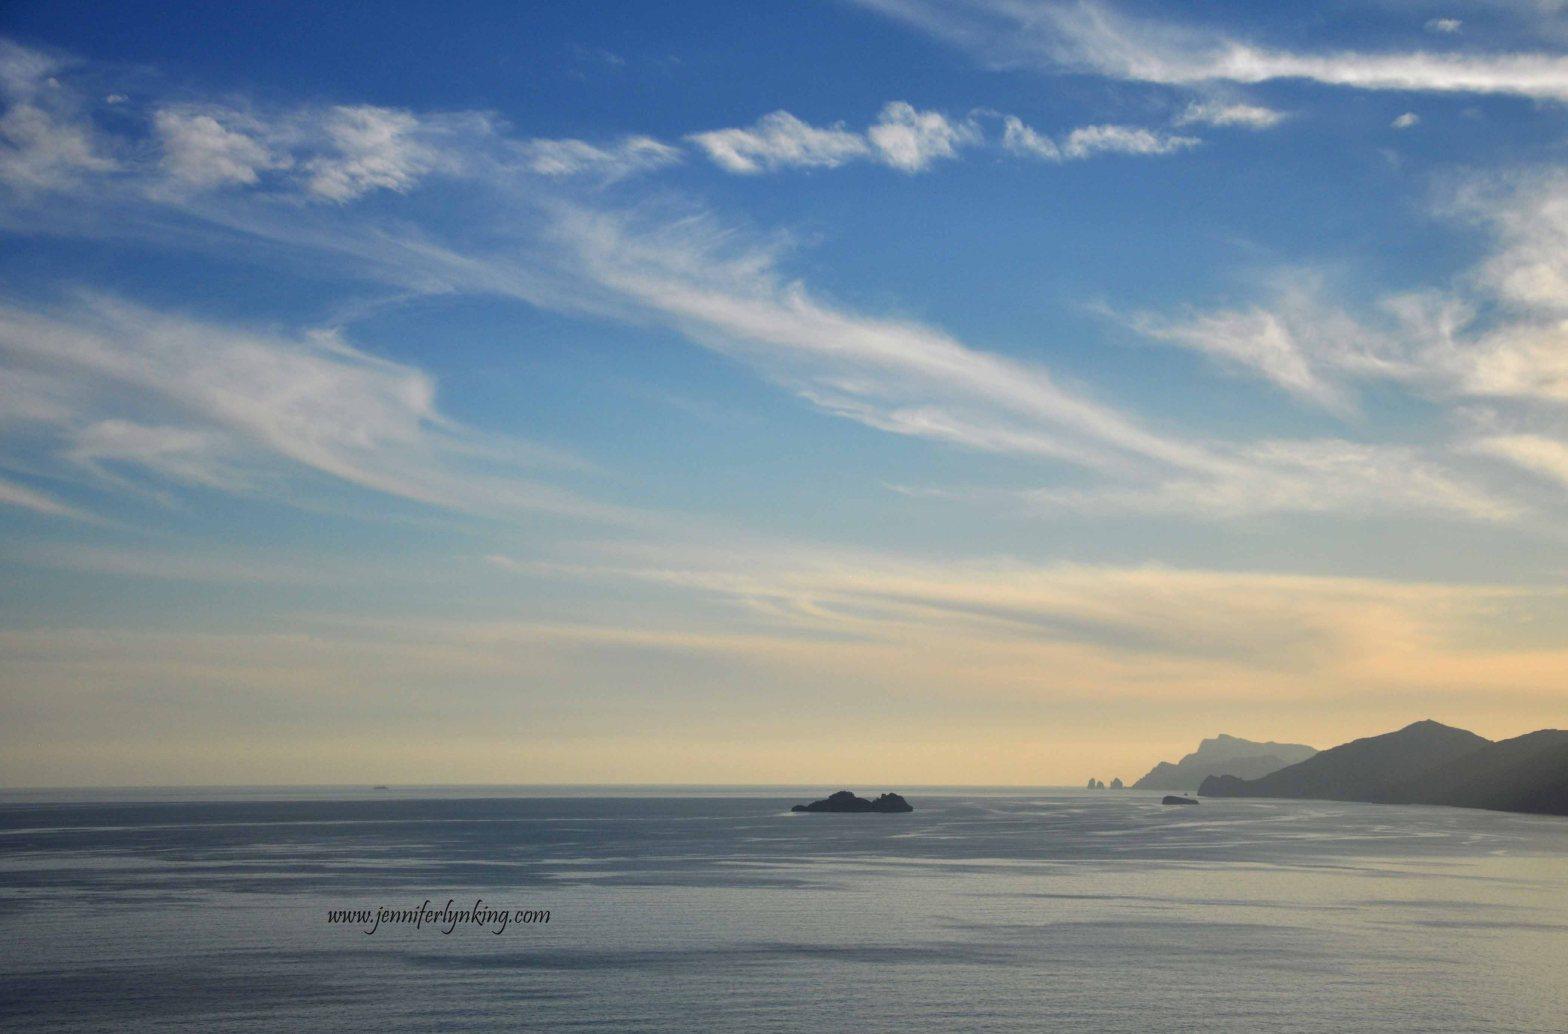 Sunrise over the Isle of Capri, Italy